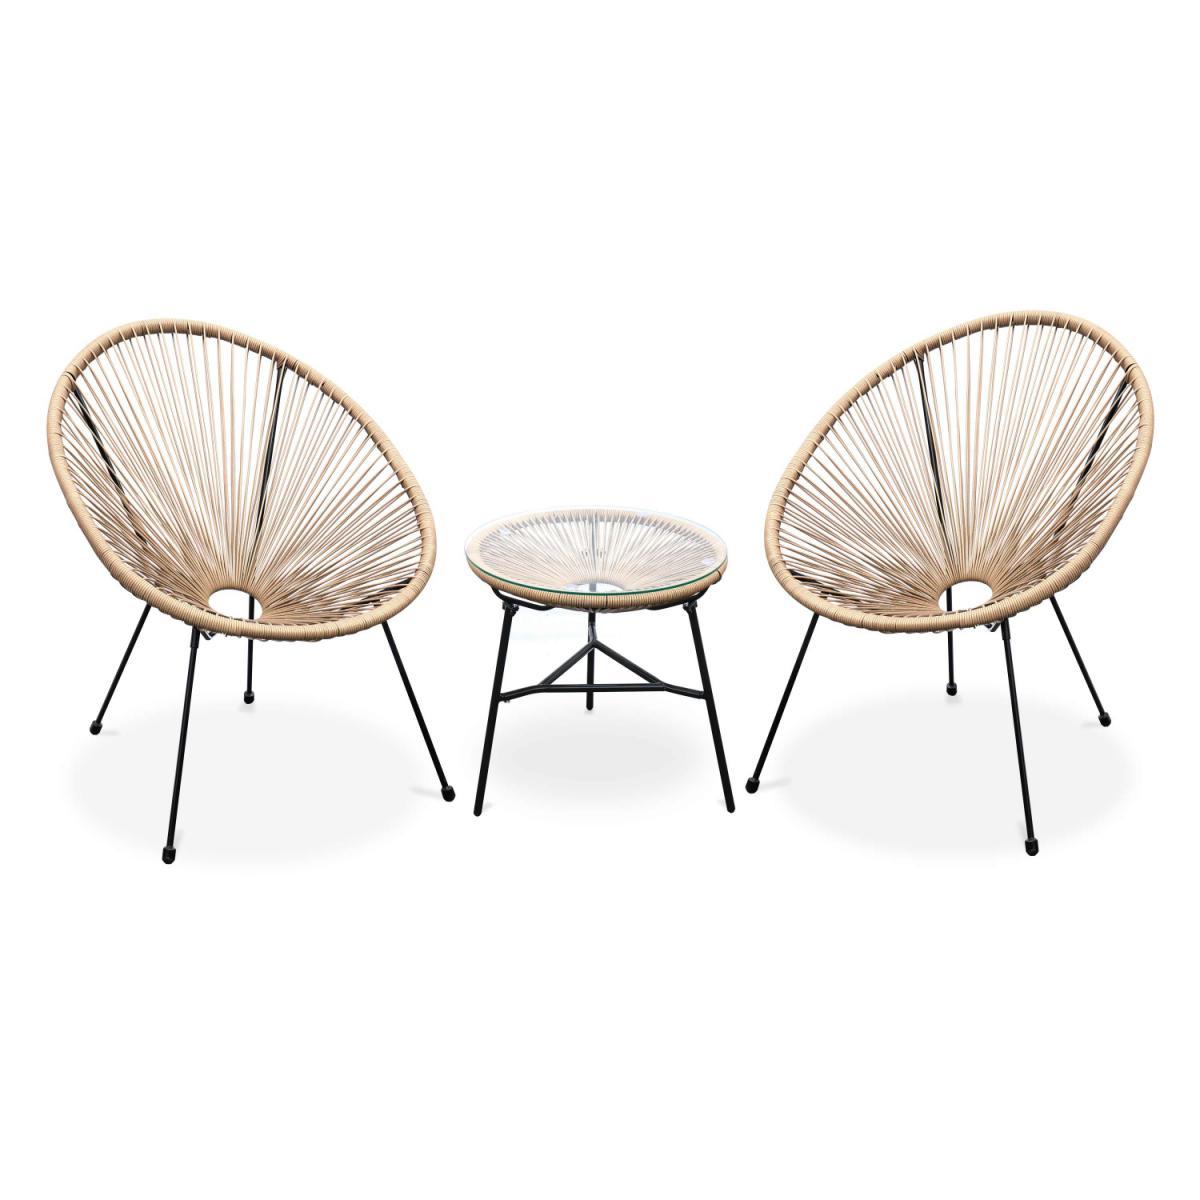 Alice'S Garden Lot de 2 fauteuils ACAPULCO forme d'oeuf avec table d'appoint - Naturel - Fauteuils design rétro